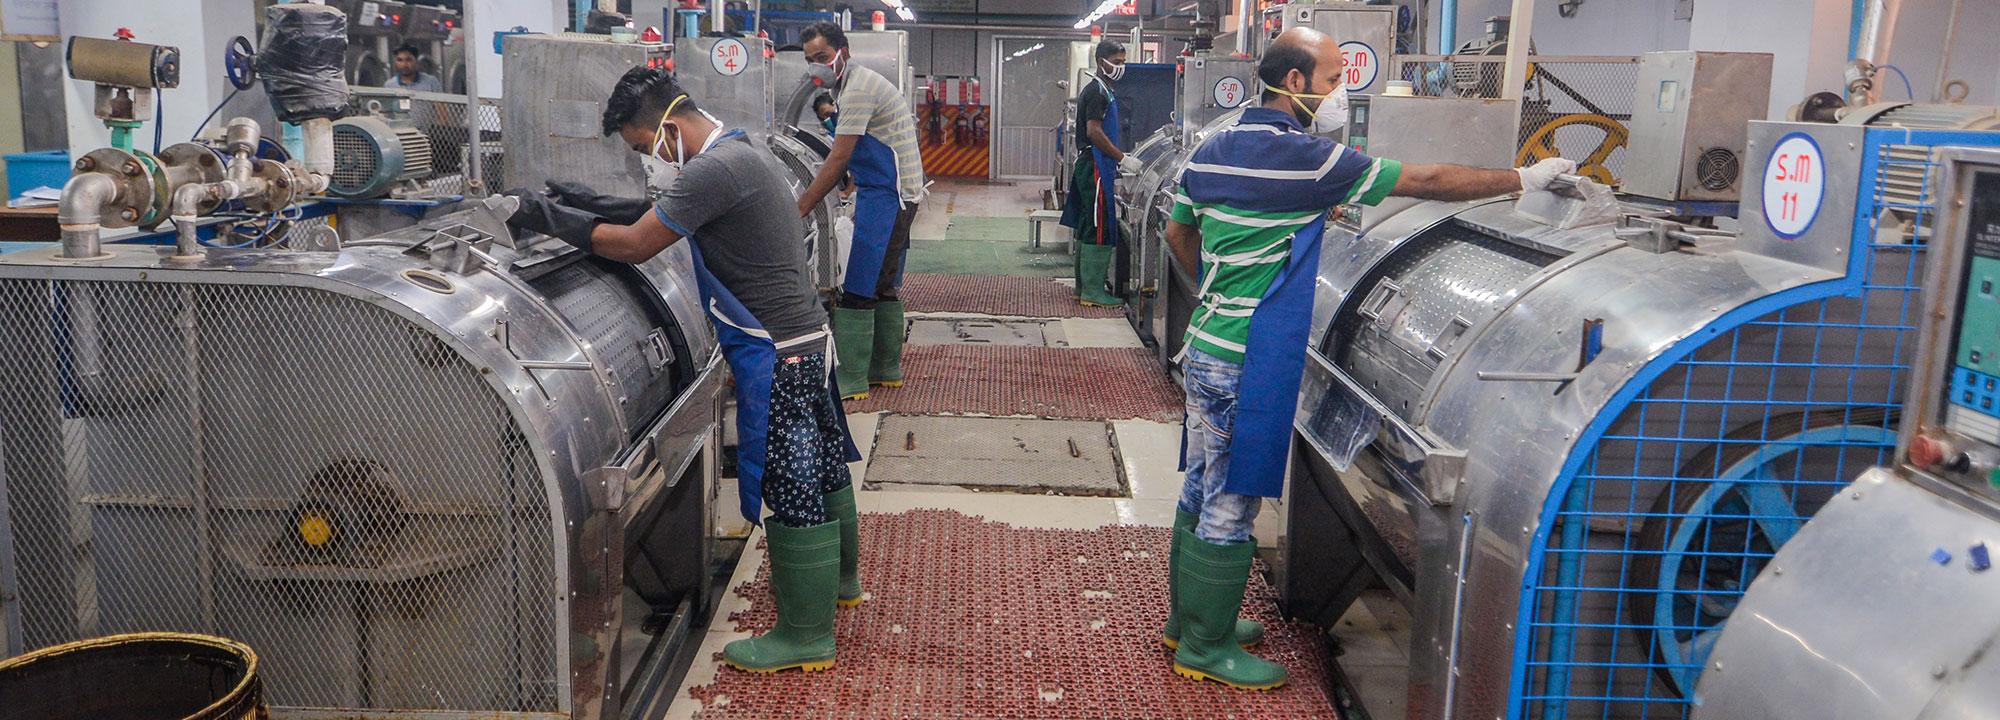 Al-Muslim Washing Ltd  – Al Muslim